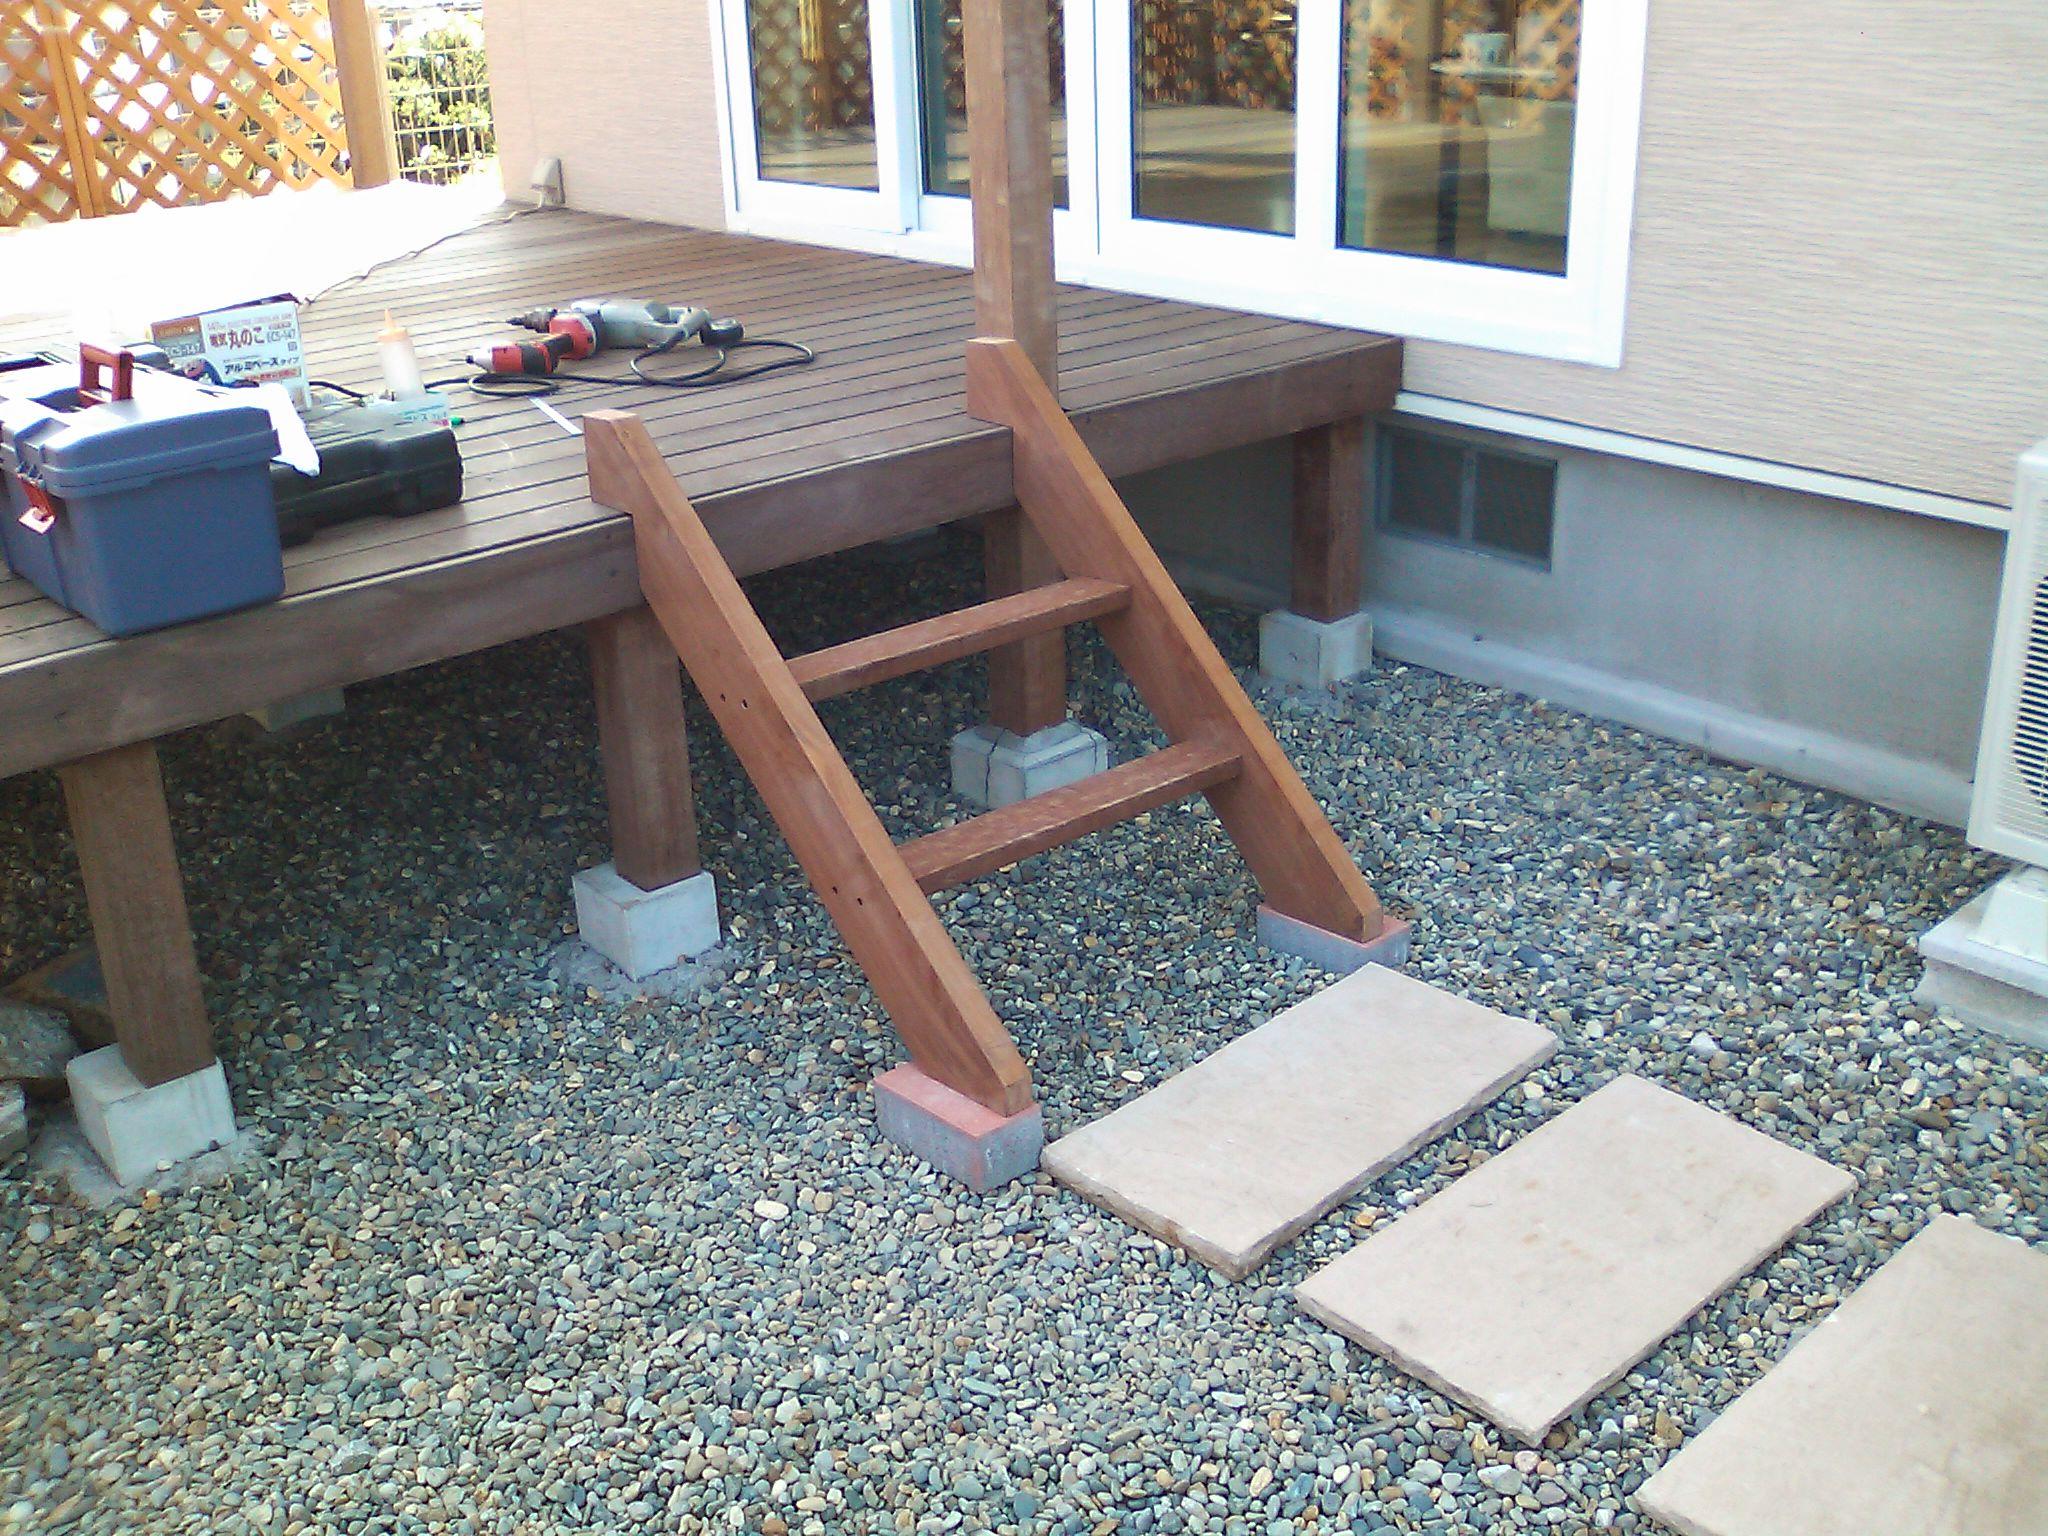 ウッドデッキに階段を設置しましょう!簡単設置!人気商品6選。のサムネイル画像